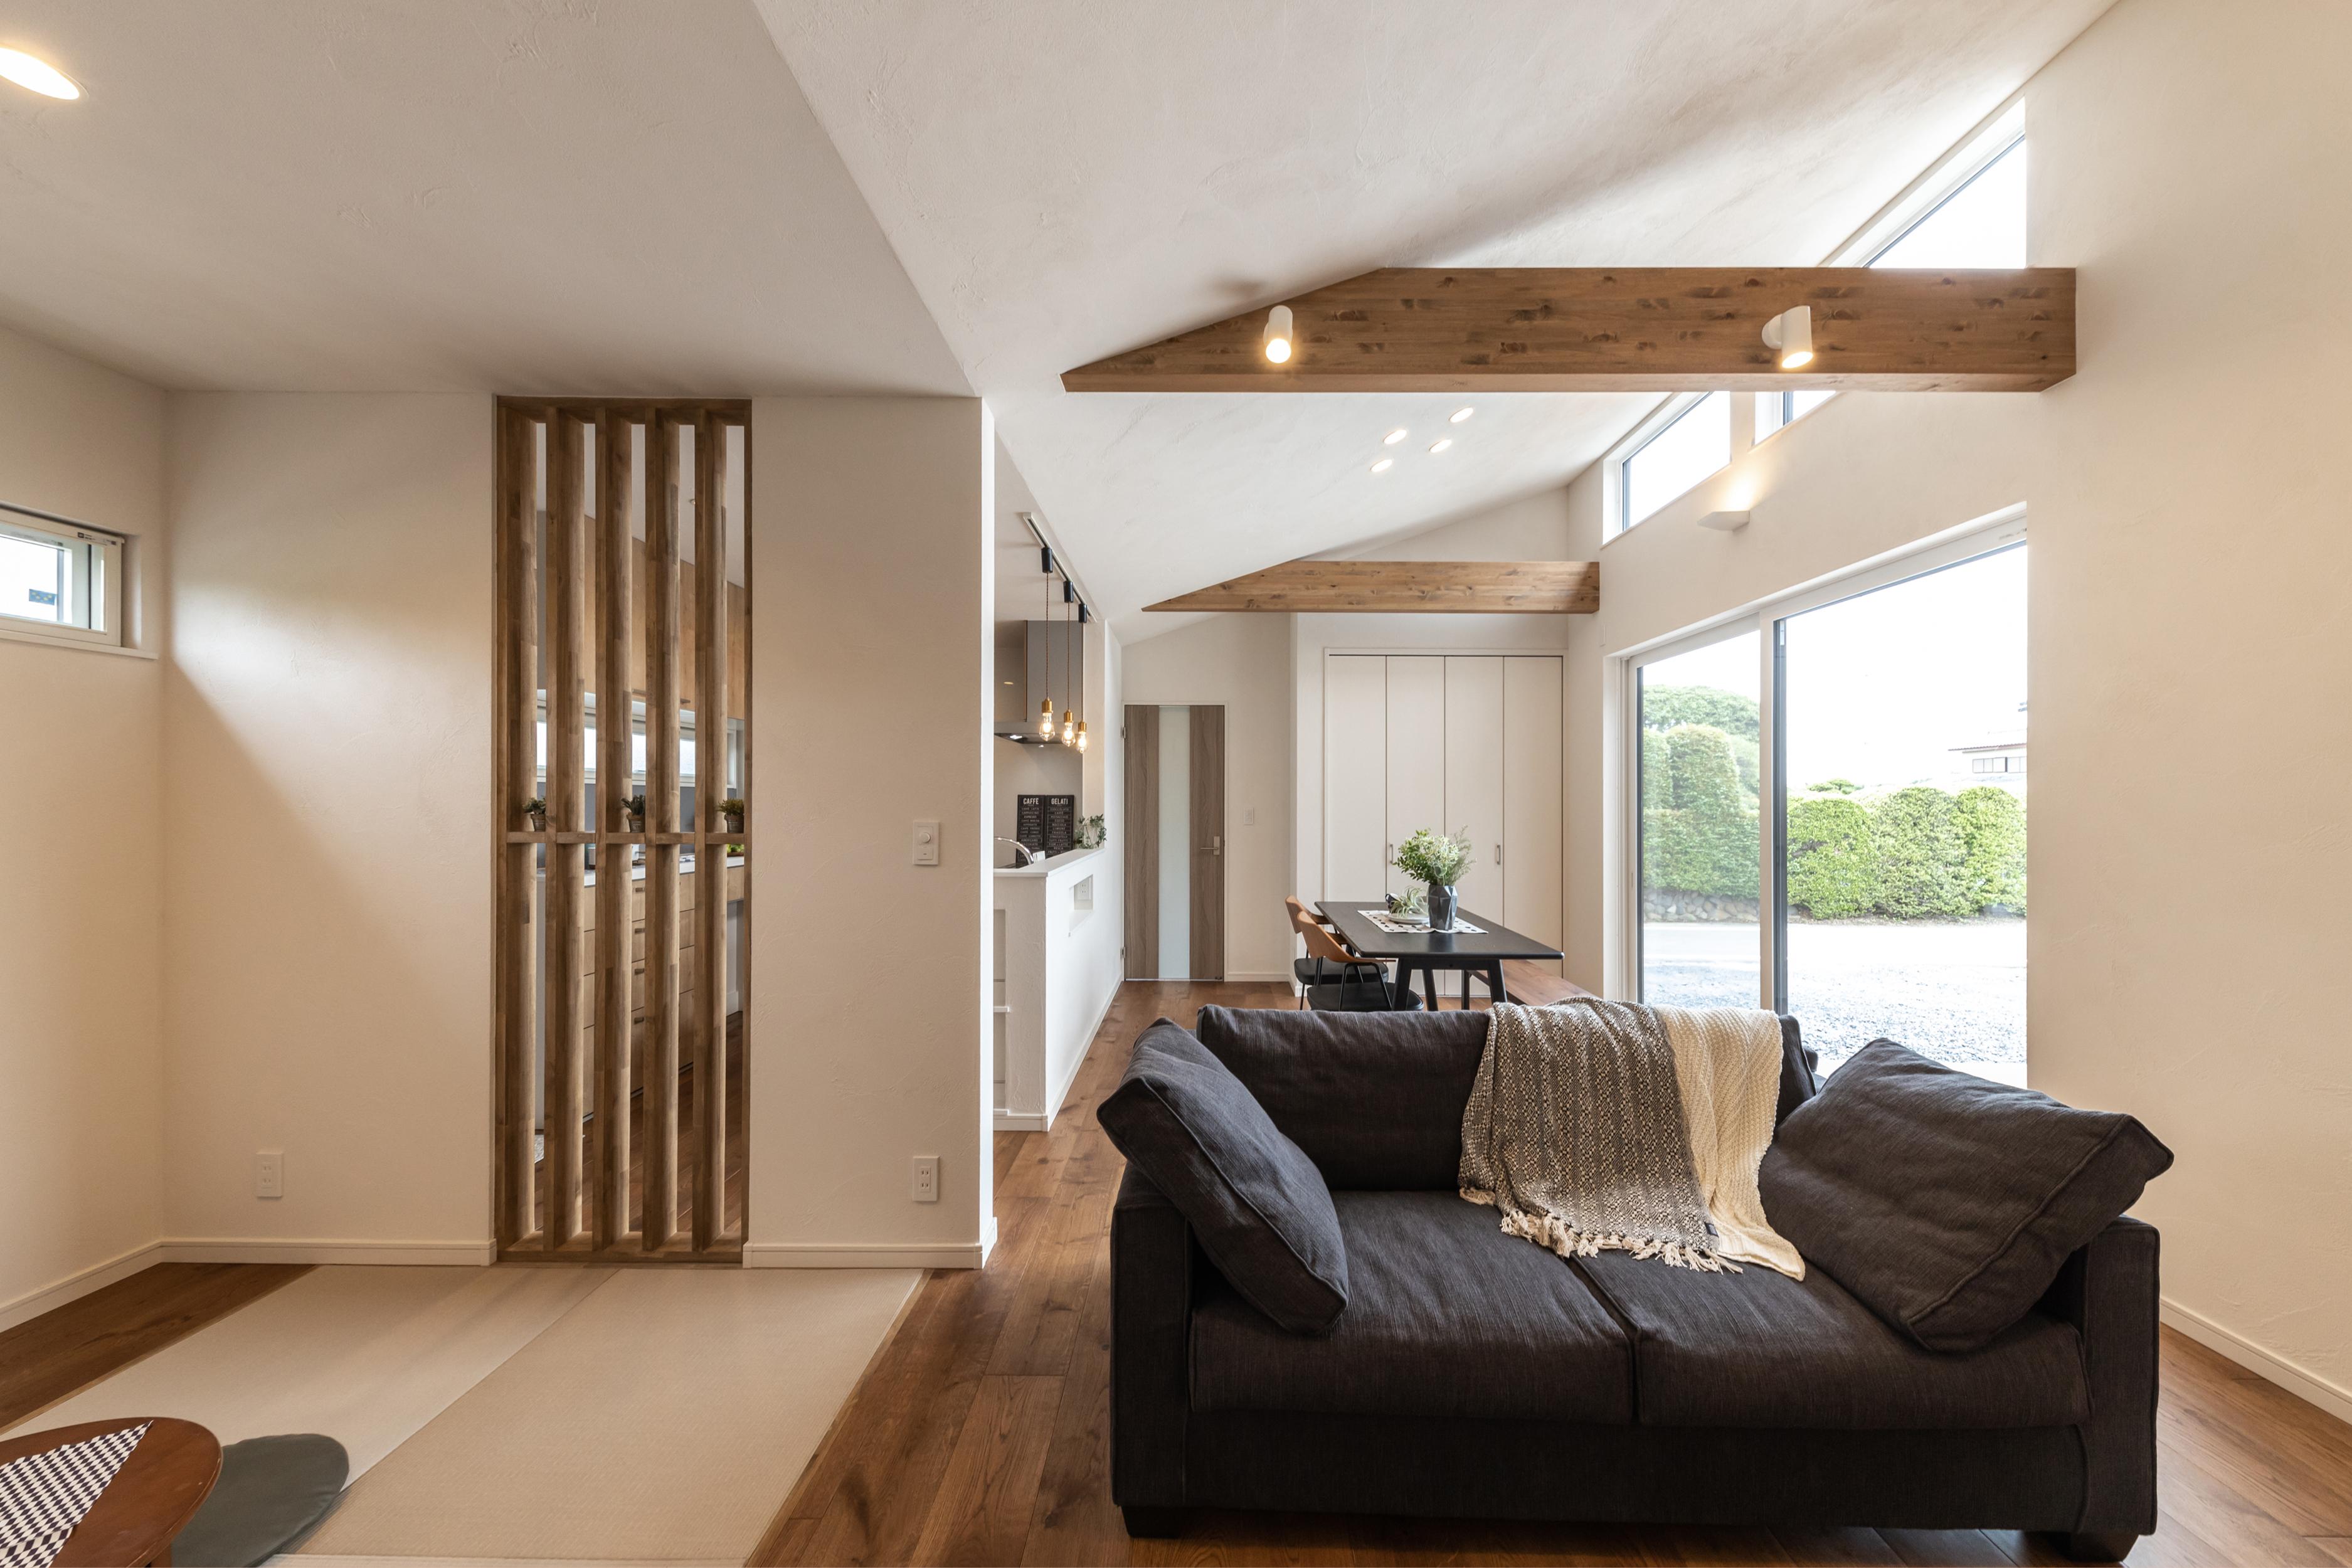 梁が渡る勾配天井で、空間が広がる平屋の家